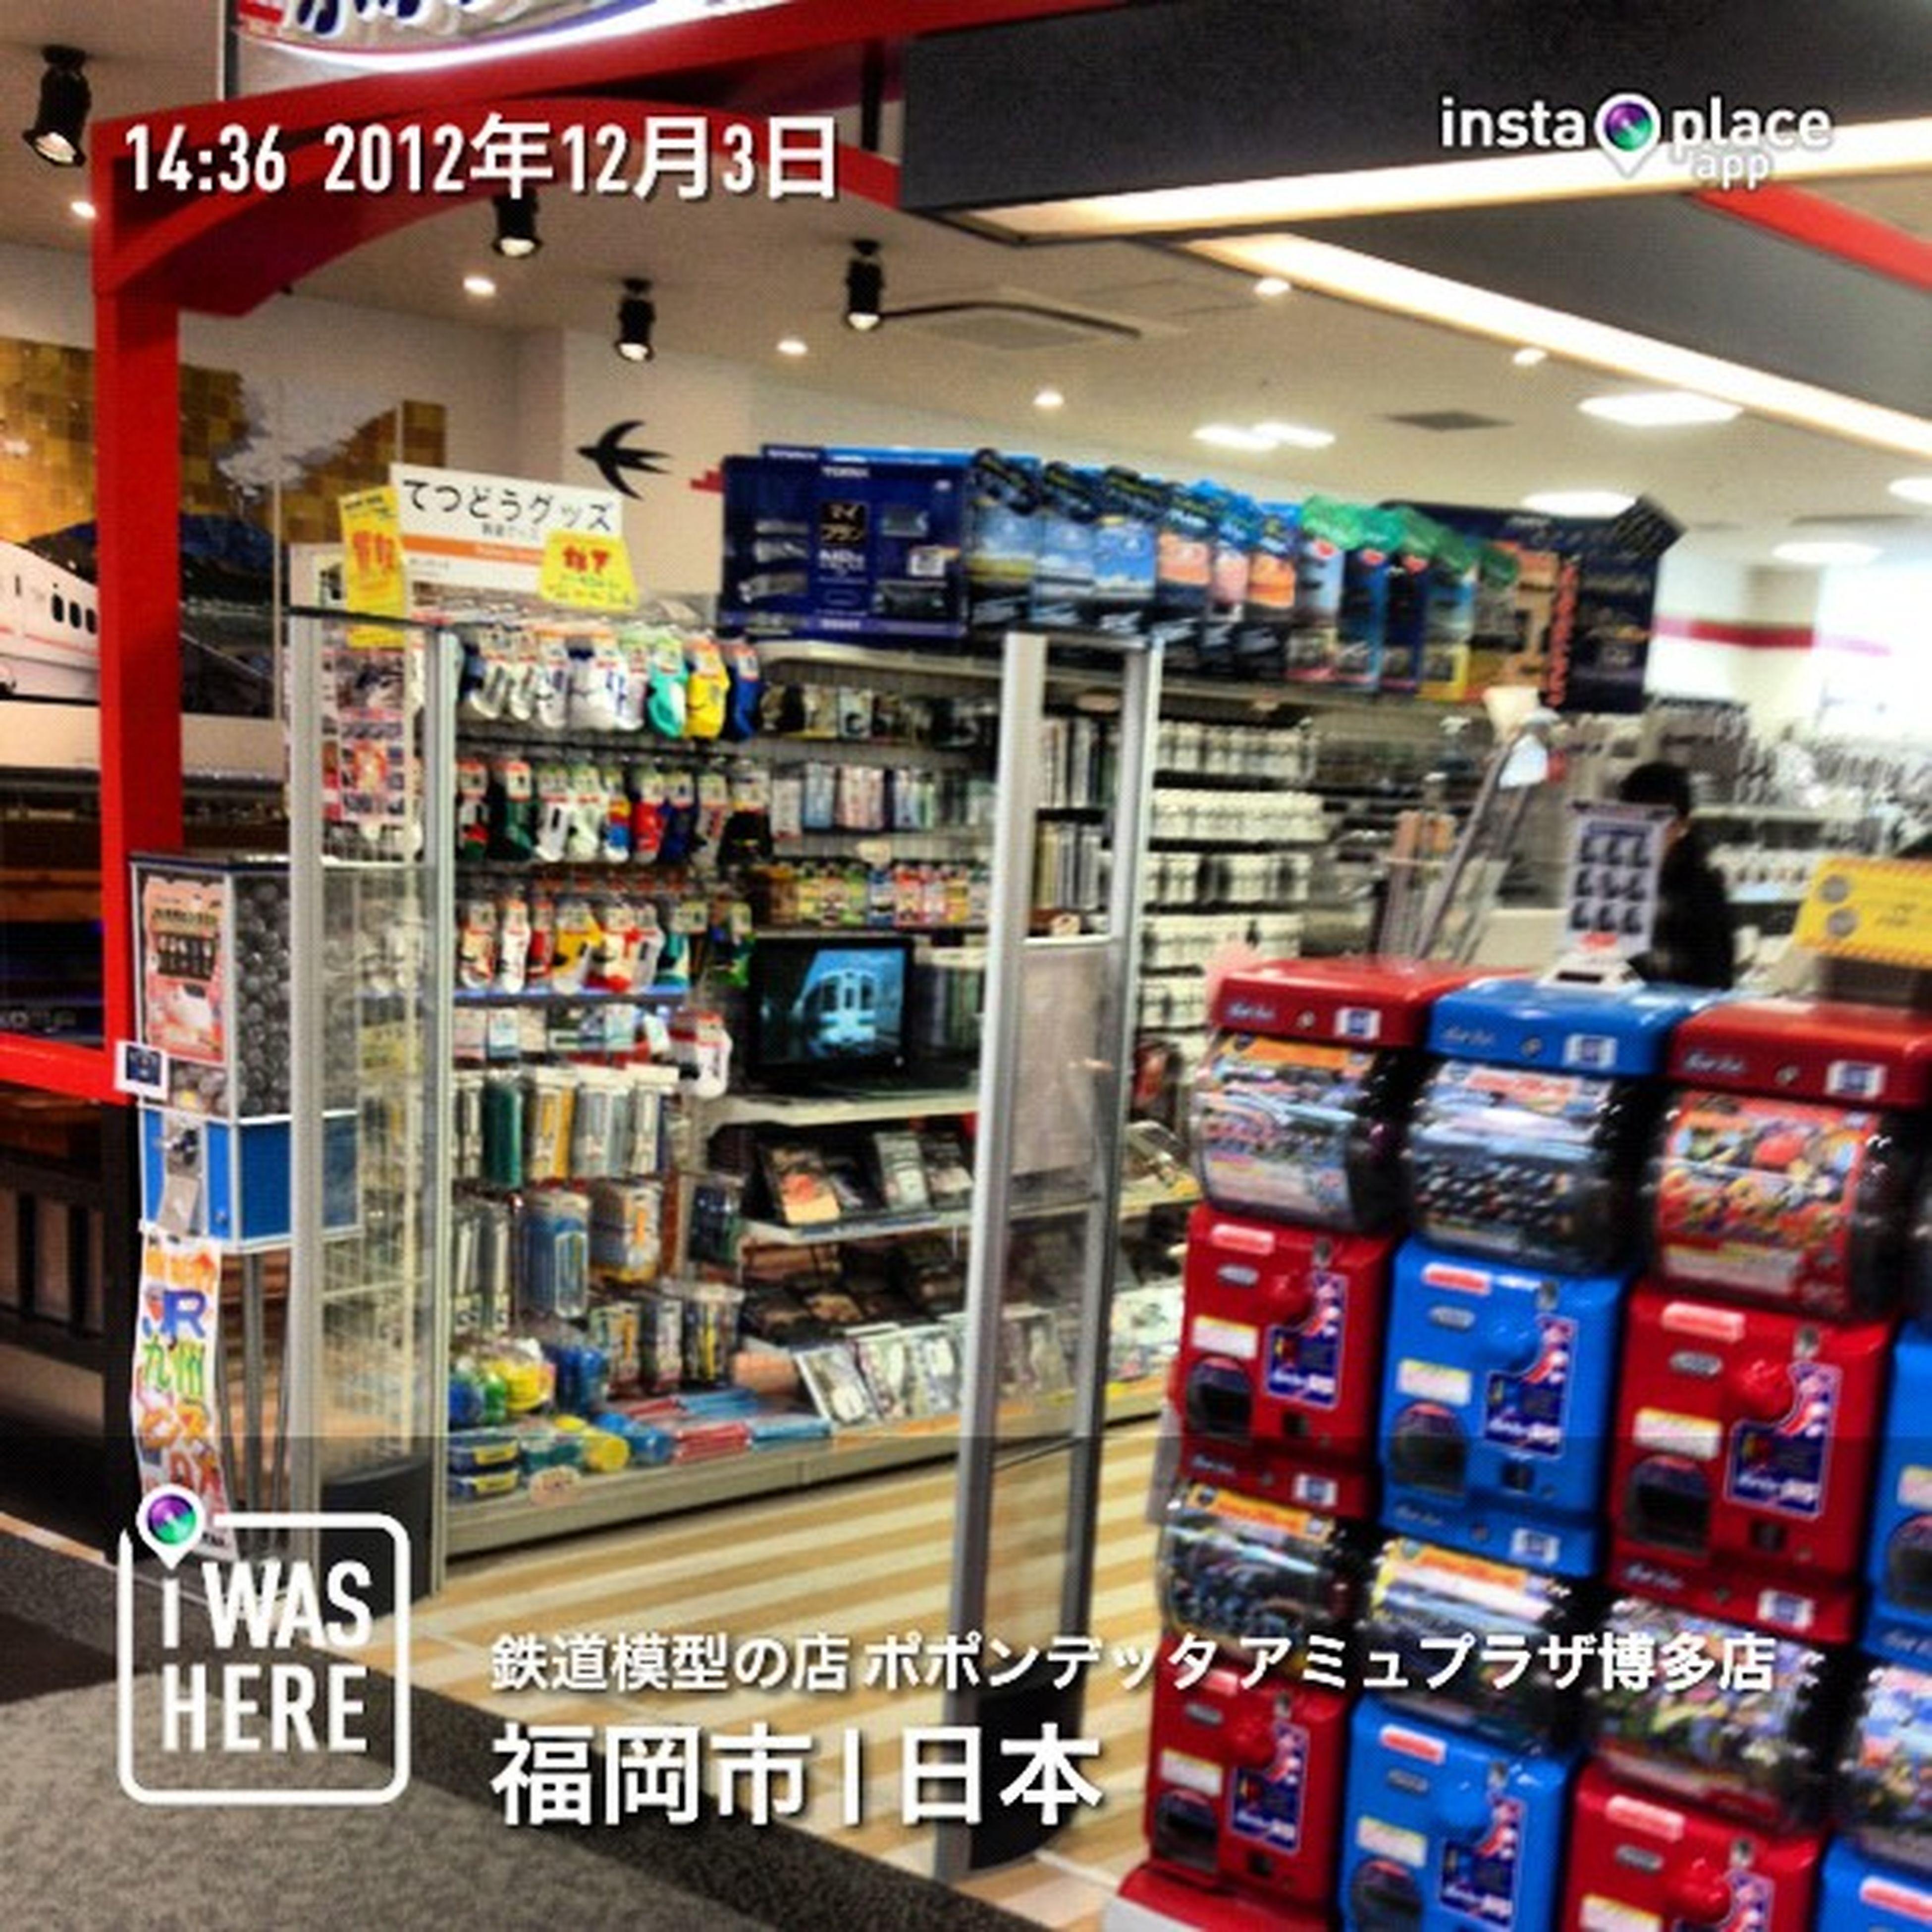 InstaPlace Instaplaceapp @instaplaceapp Place Earth World 日本 Japan 福岡市 Fukuokashi 鉄道模型の店ポポンデッタアミュプラザ博多店 Day